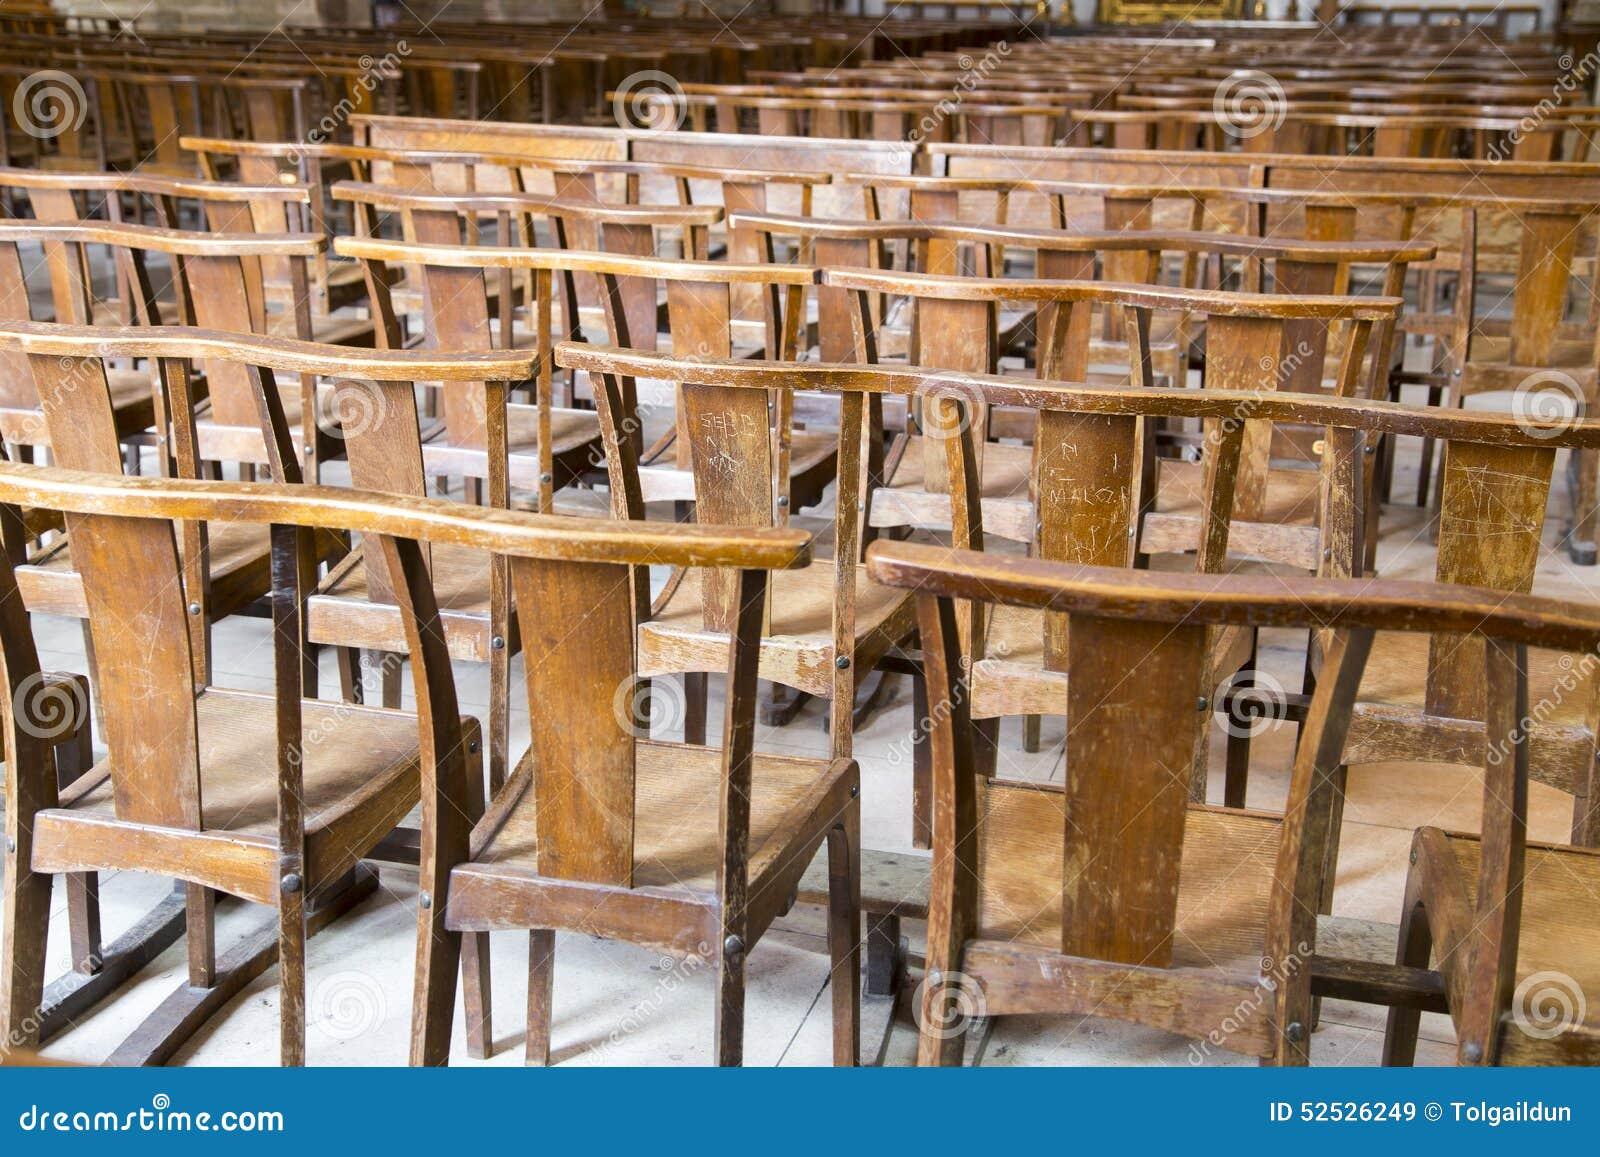 Stock Sedie Di Legno.File Di Molte Sedie Marroni Di Legno Consumate In Una Chiesa